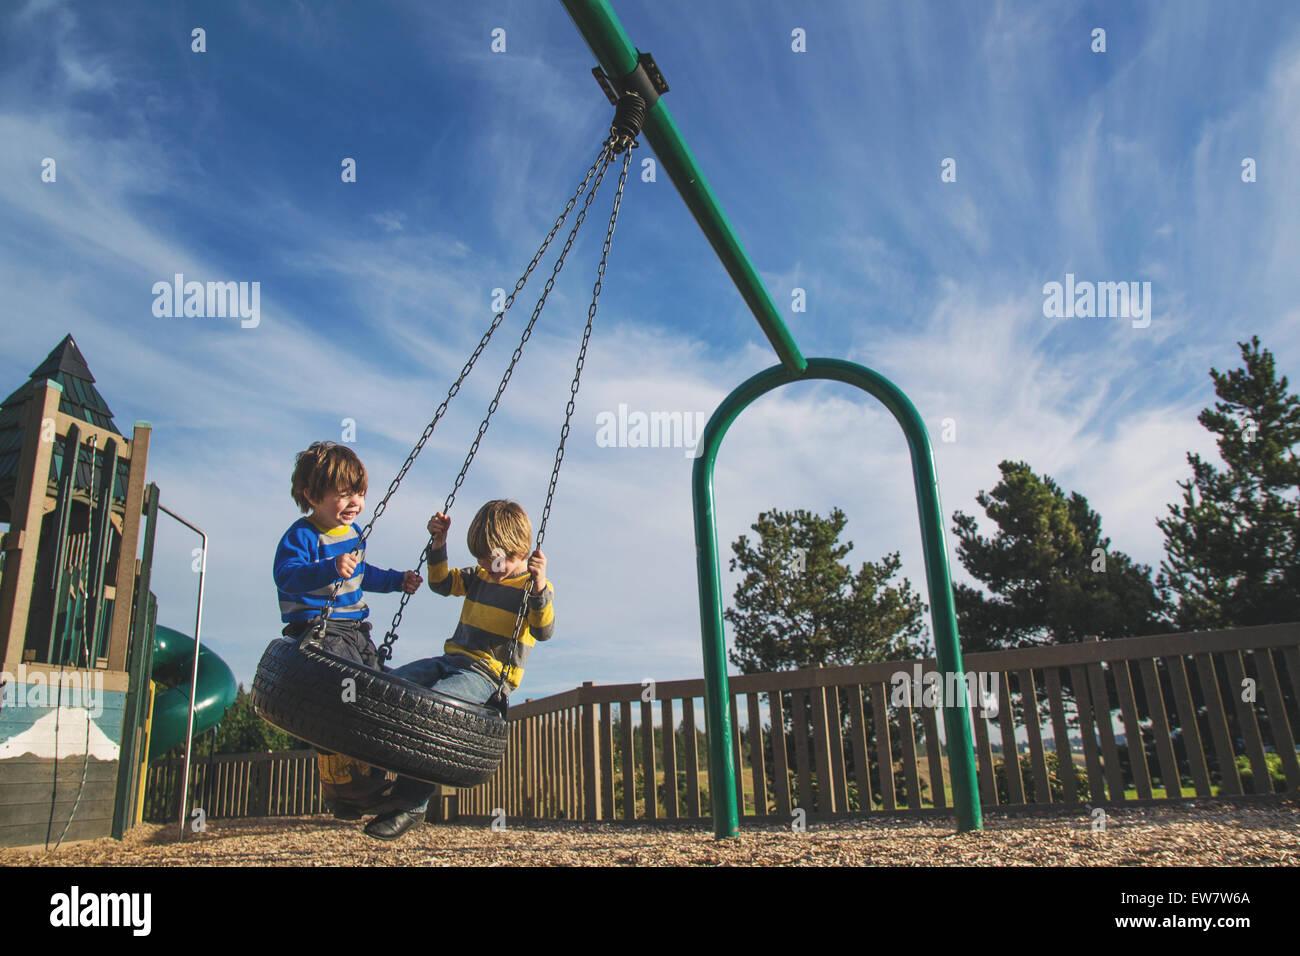 Klettergerüst Reifen : Zwei jungen auf einem reifen schwingen in park